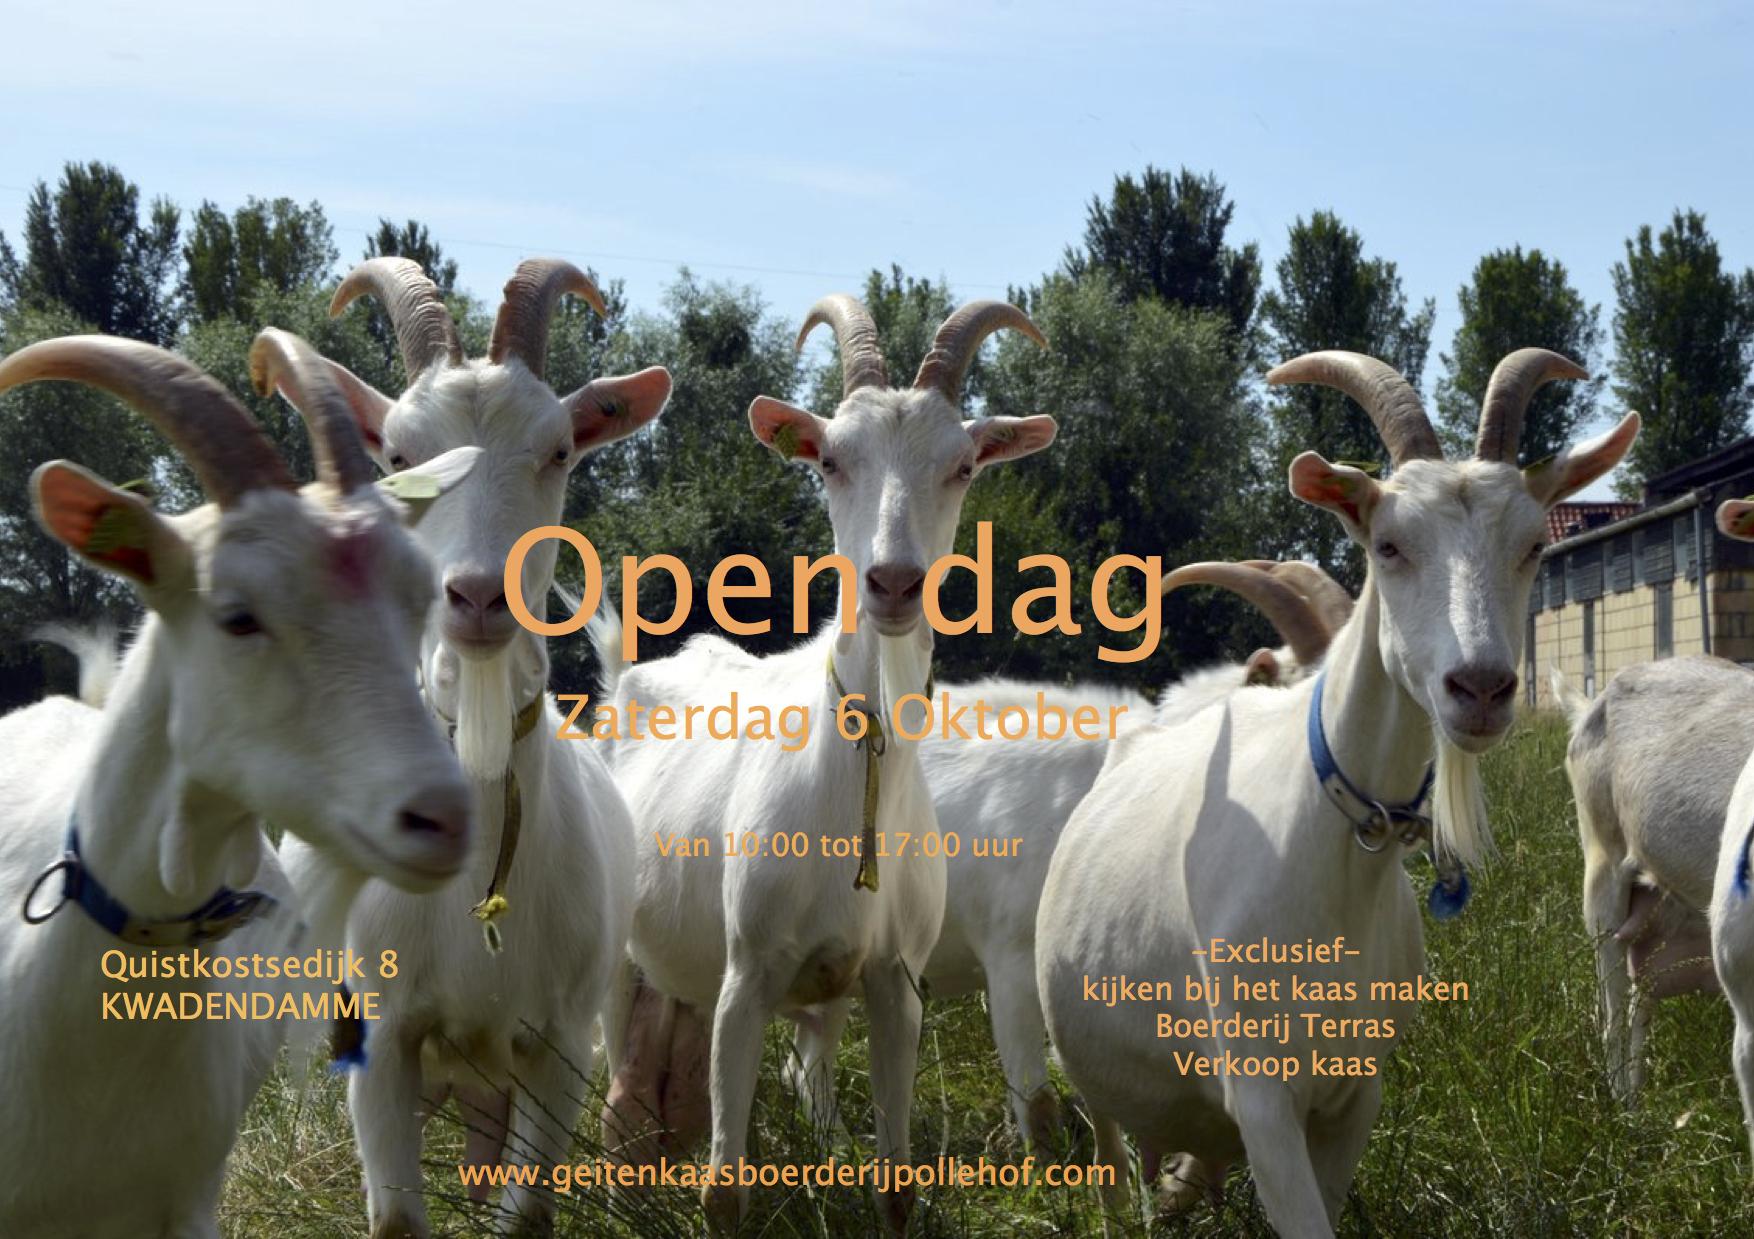 Poster open dag.jpg